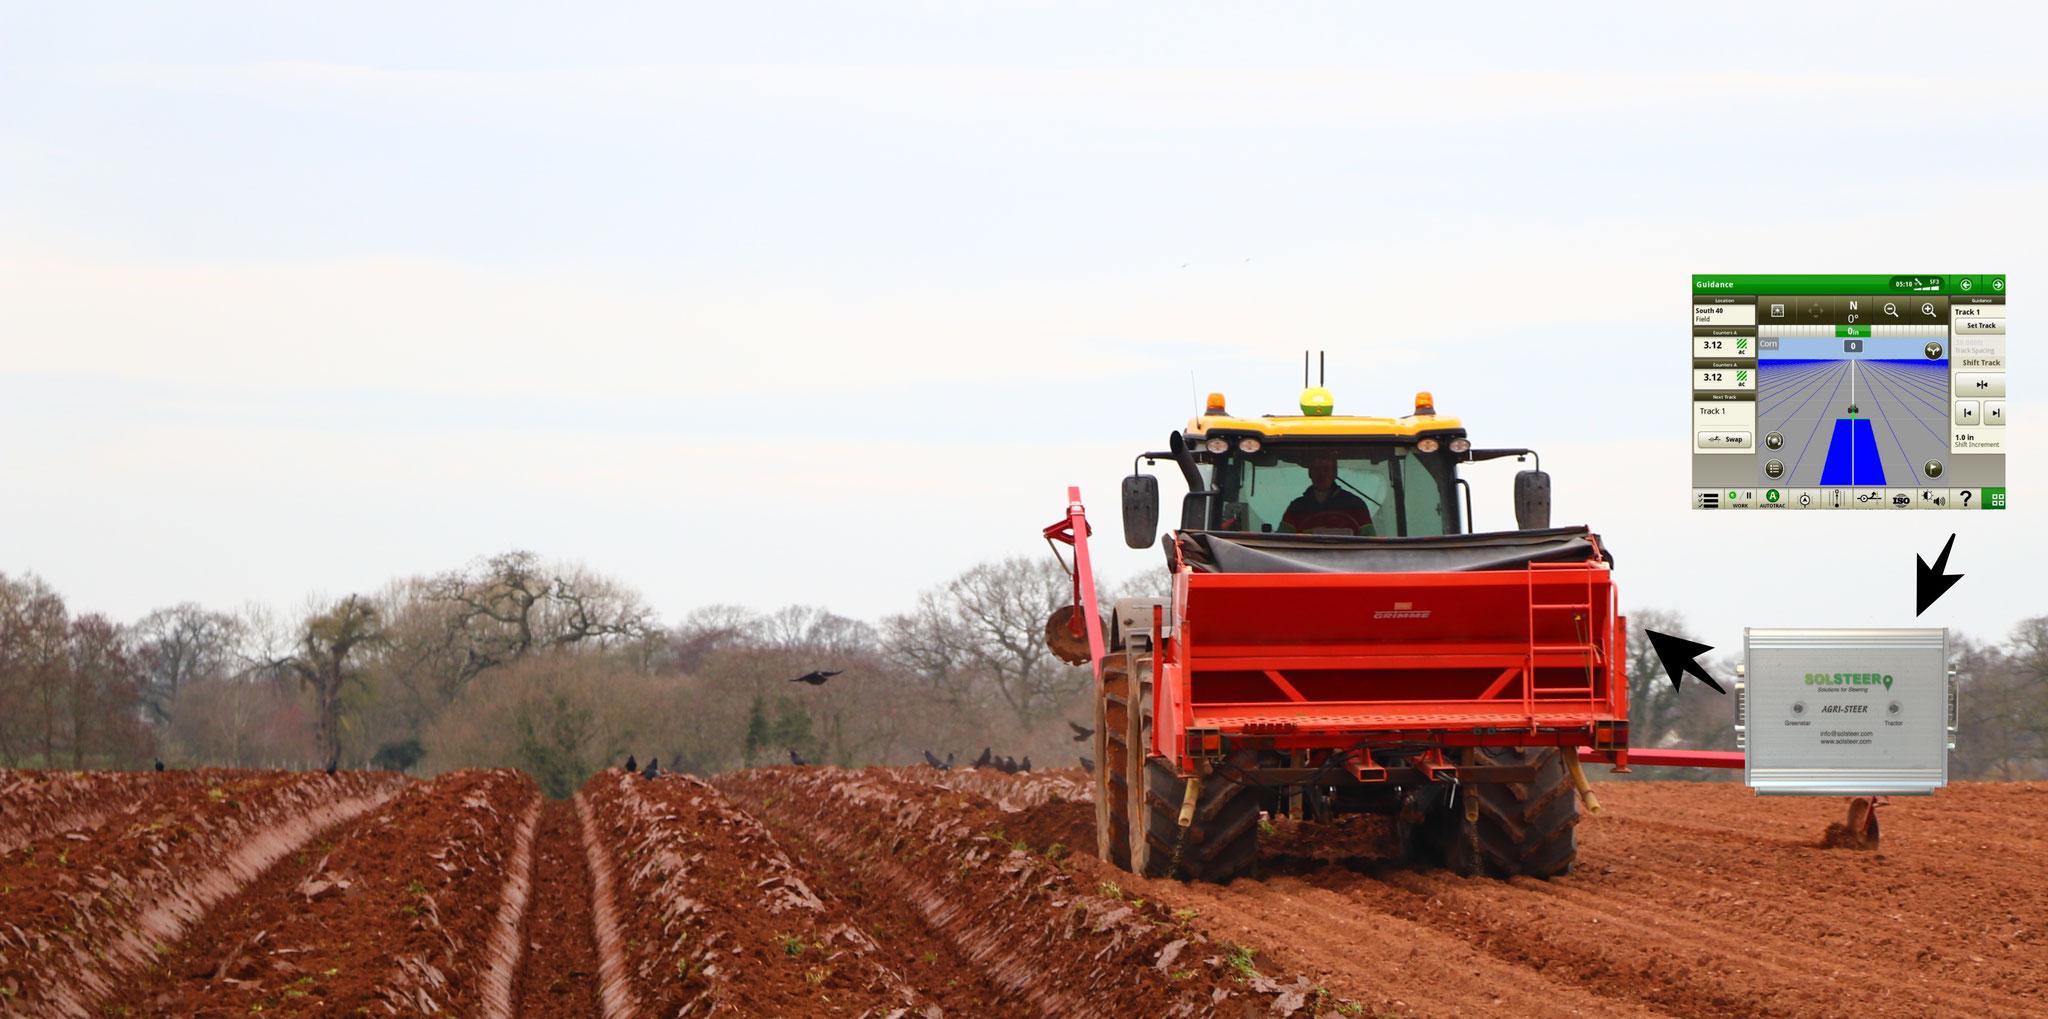 JCB Fastrac Agri-Steer